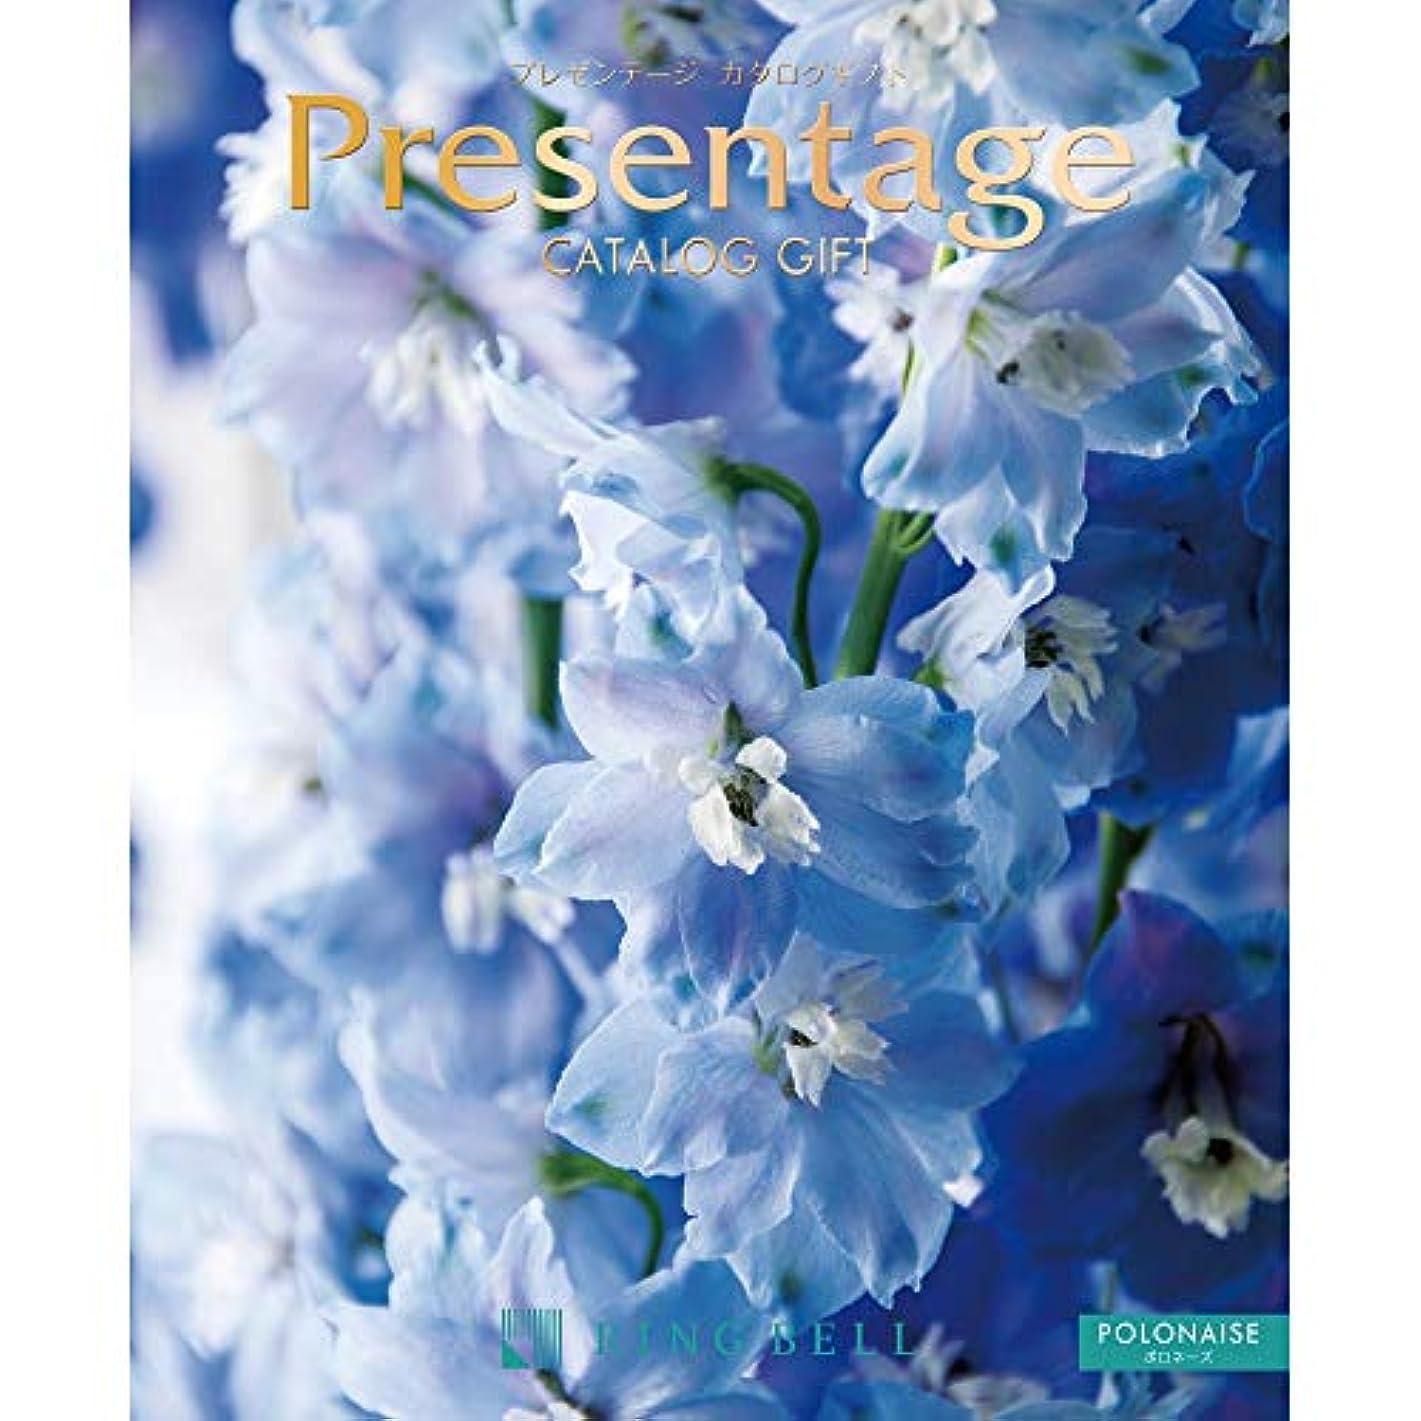 サリーキャプチャー微視的リンベル カタログギフト Presentage (プレゼンテージ) エクセレント ポロネーズ 包装紙:ローズメモリー